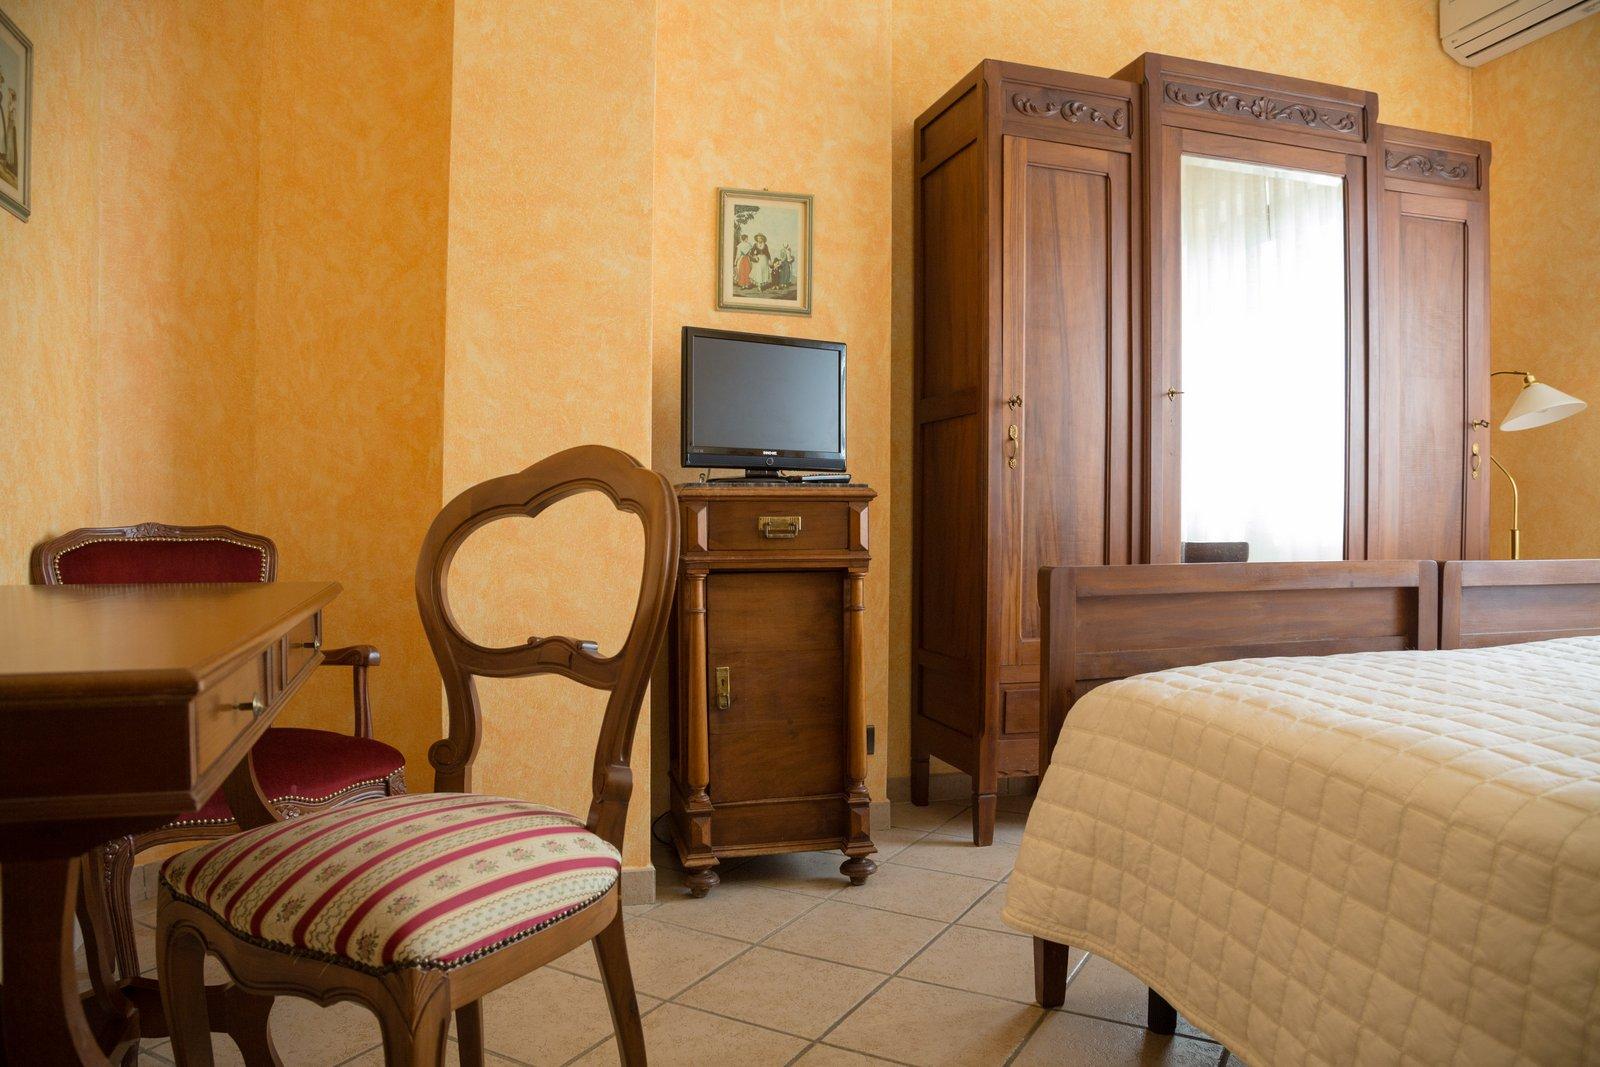 Camera dell'hotel Belvedere